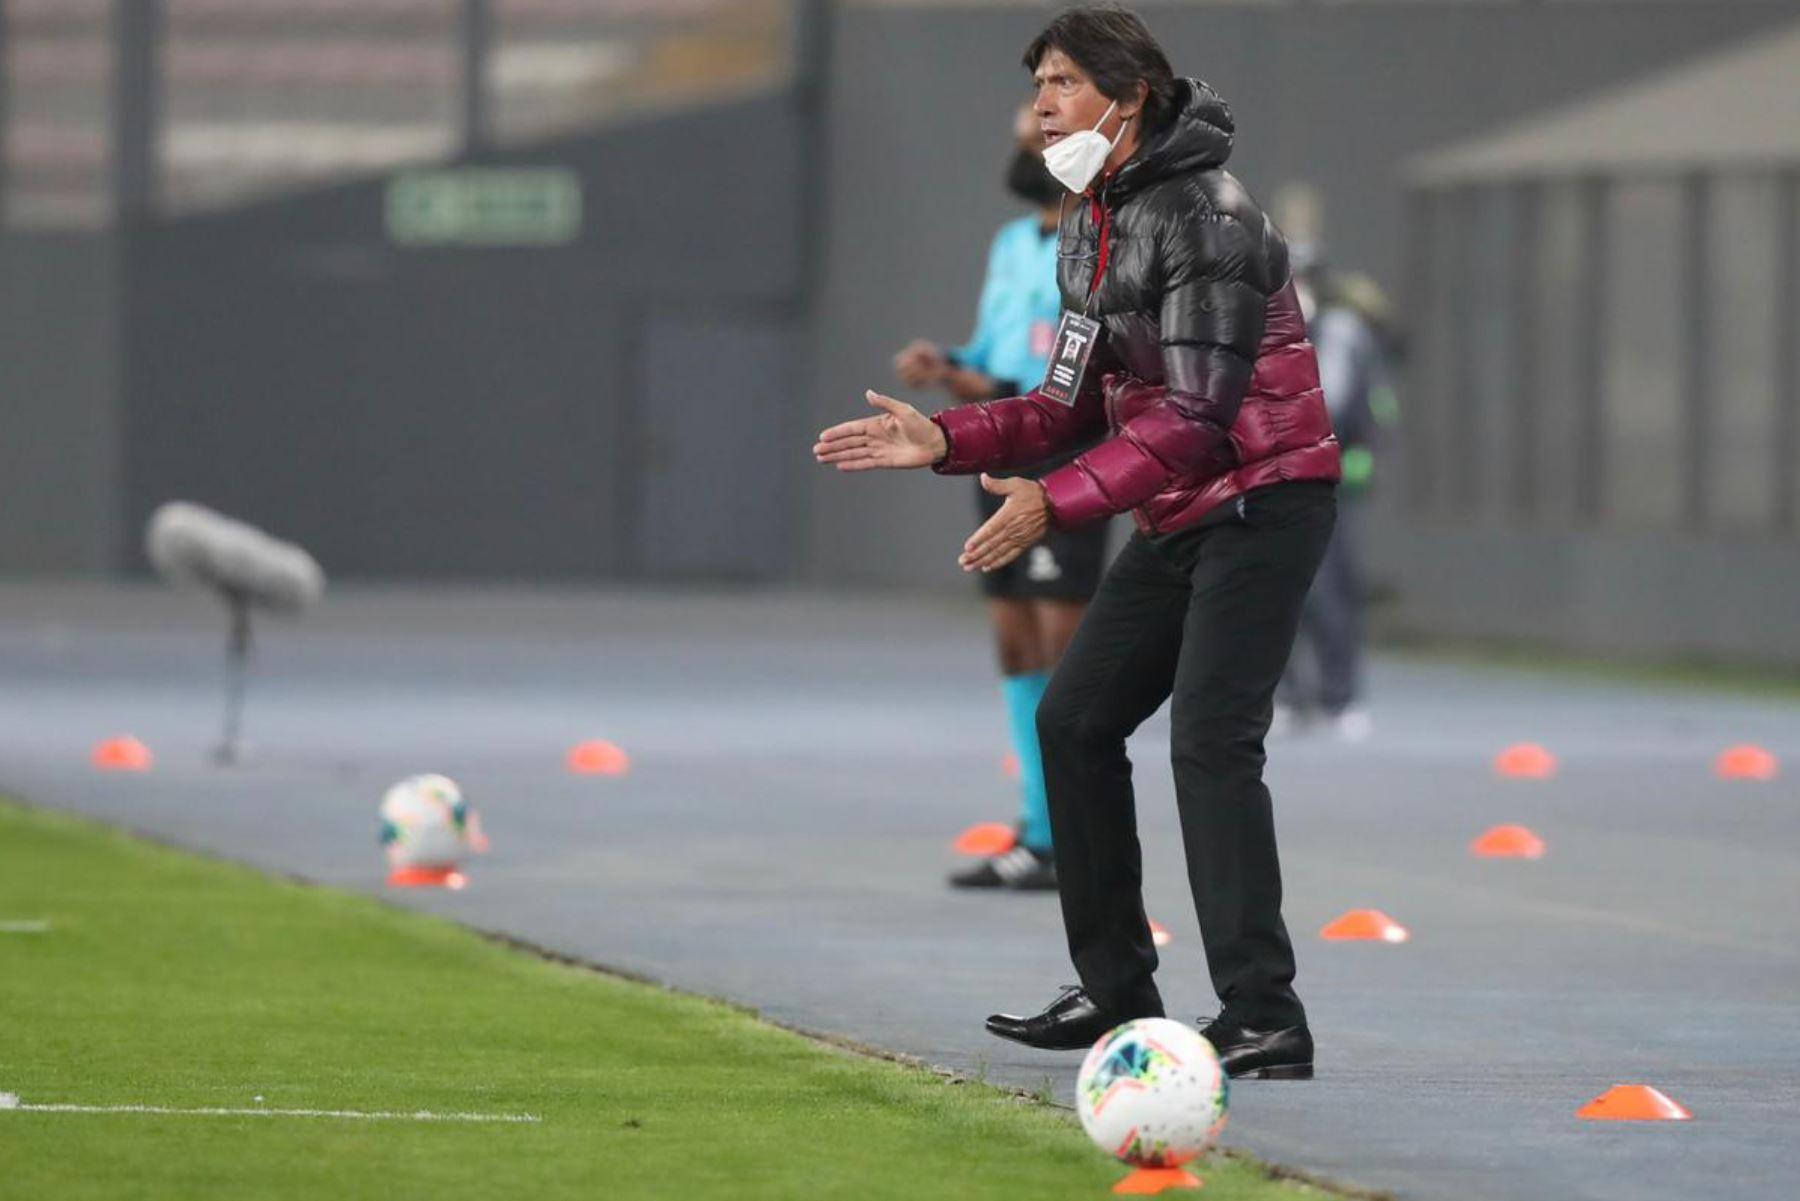 Entrenador de Universitario de Deportes, Ángel Comizzo dirige a sus jugadores en el partido ante Cantolao en la fase 1 de la Liga Movistar en el estadio Nacional. Foto: Liga 1 de Fútbol Profesional